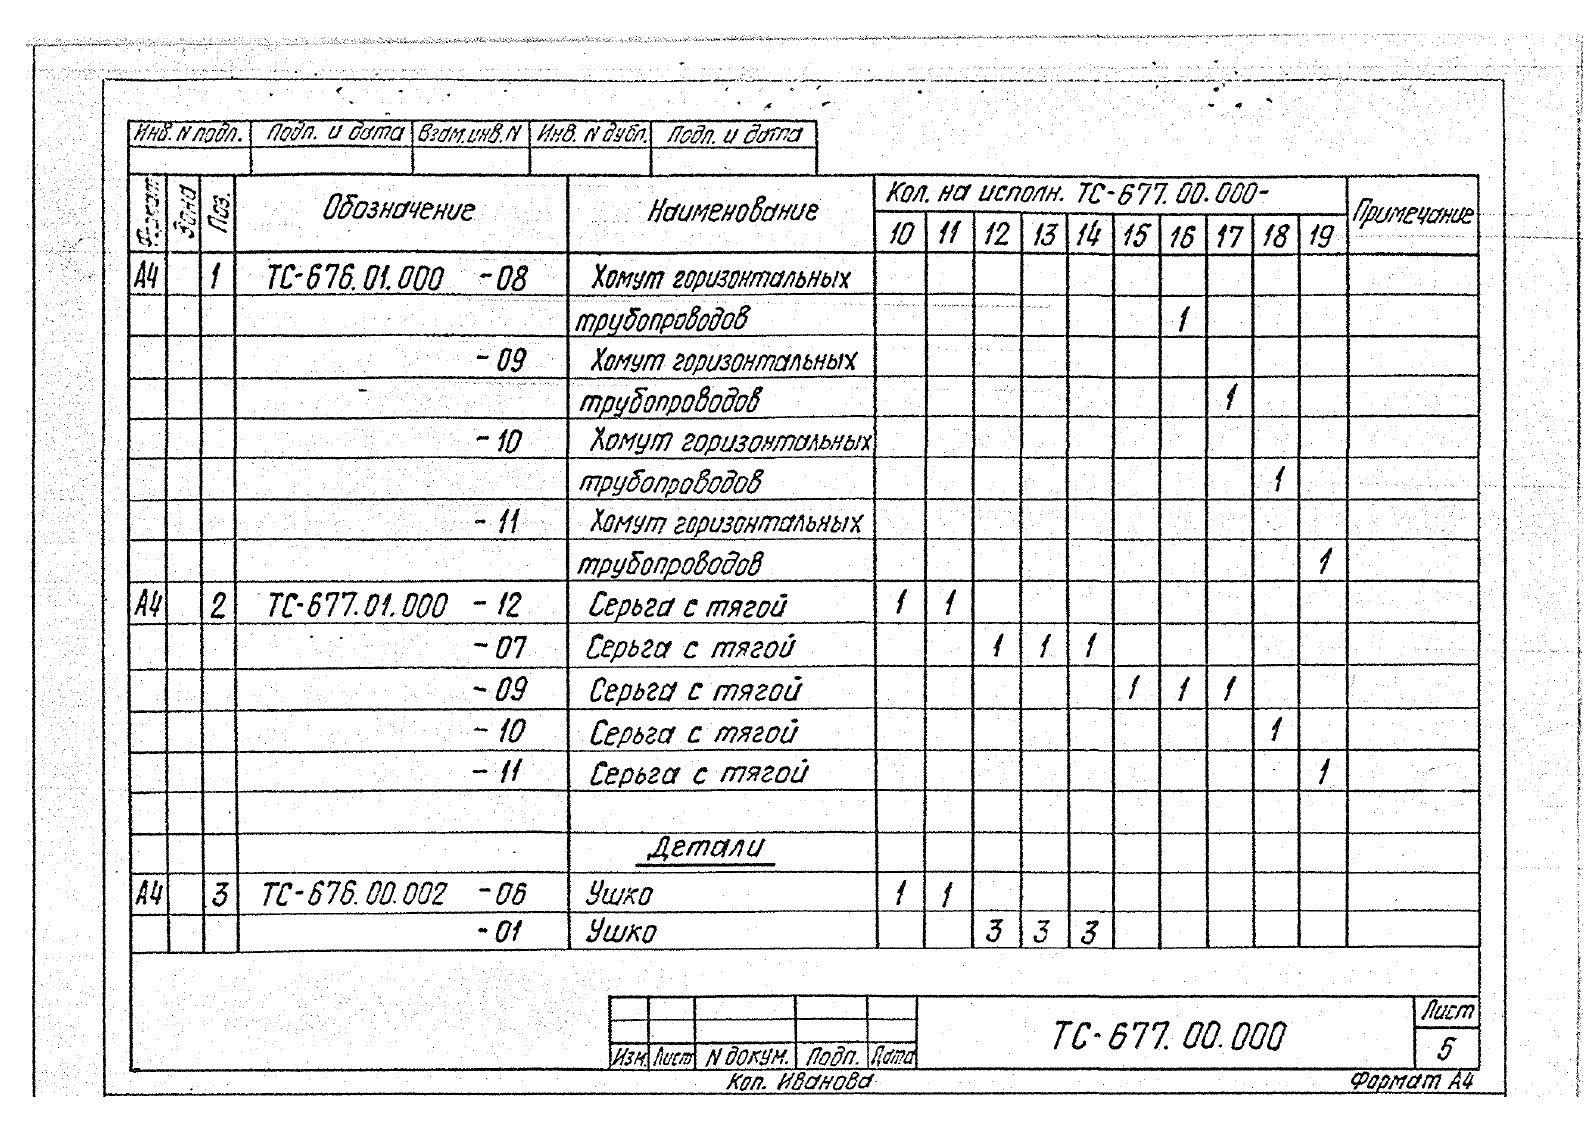 Подвески жесткие Дн 57-530 ТС-677 с.5.903-13 вып.6-95 стр.7